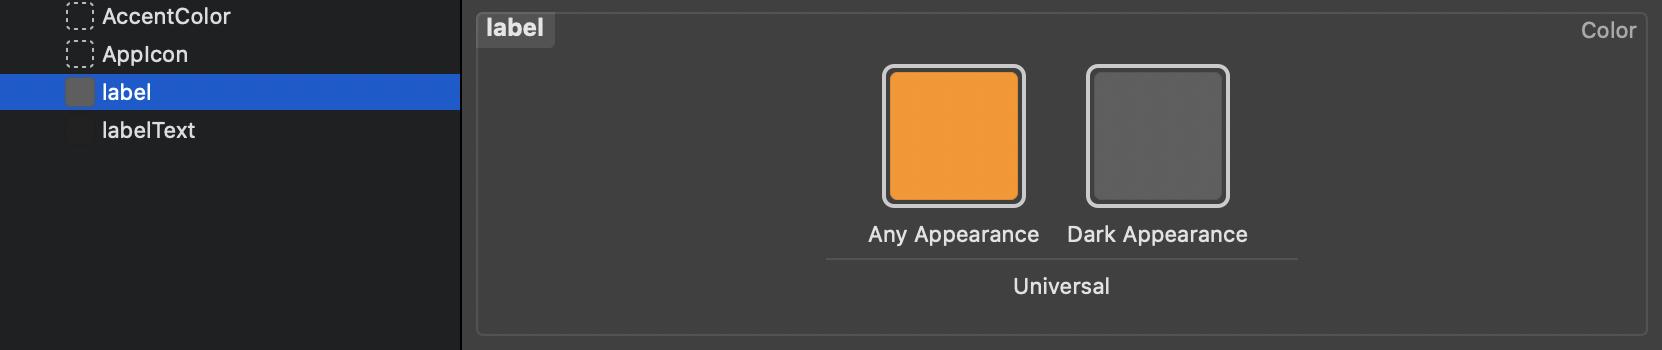 カラーセット例(label)